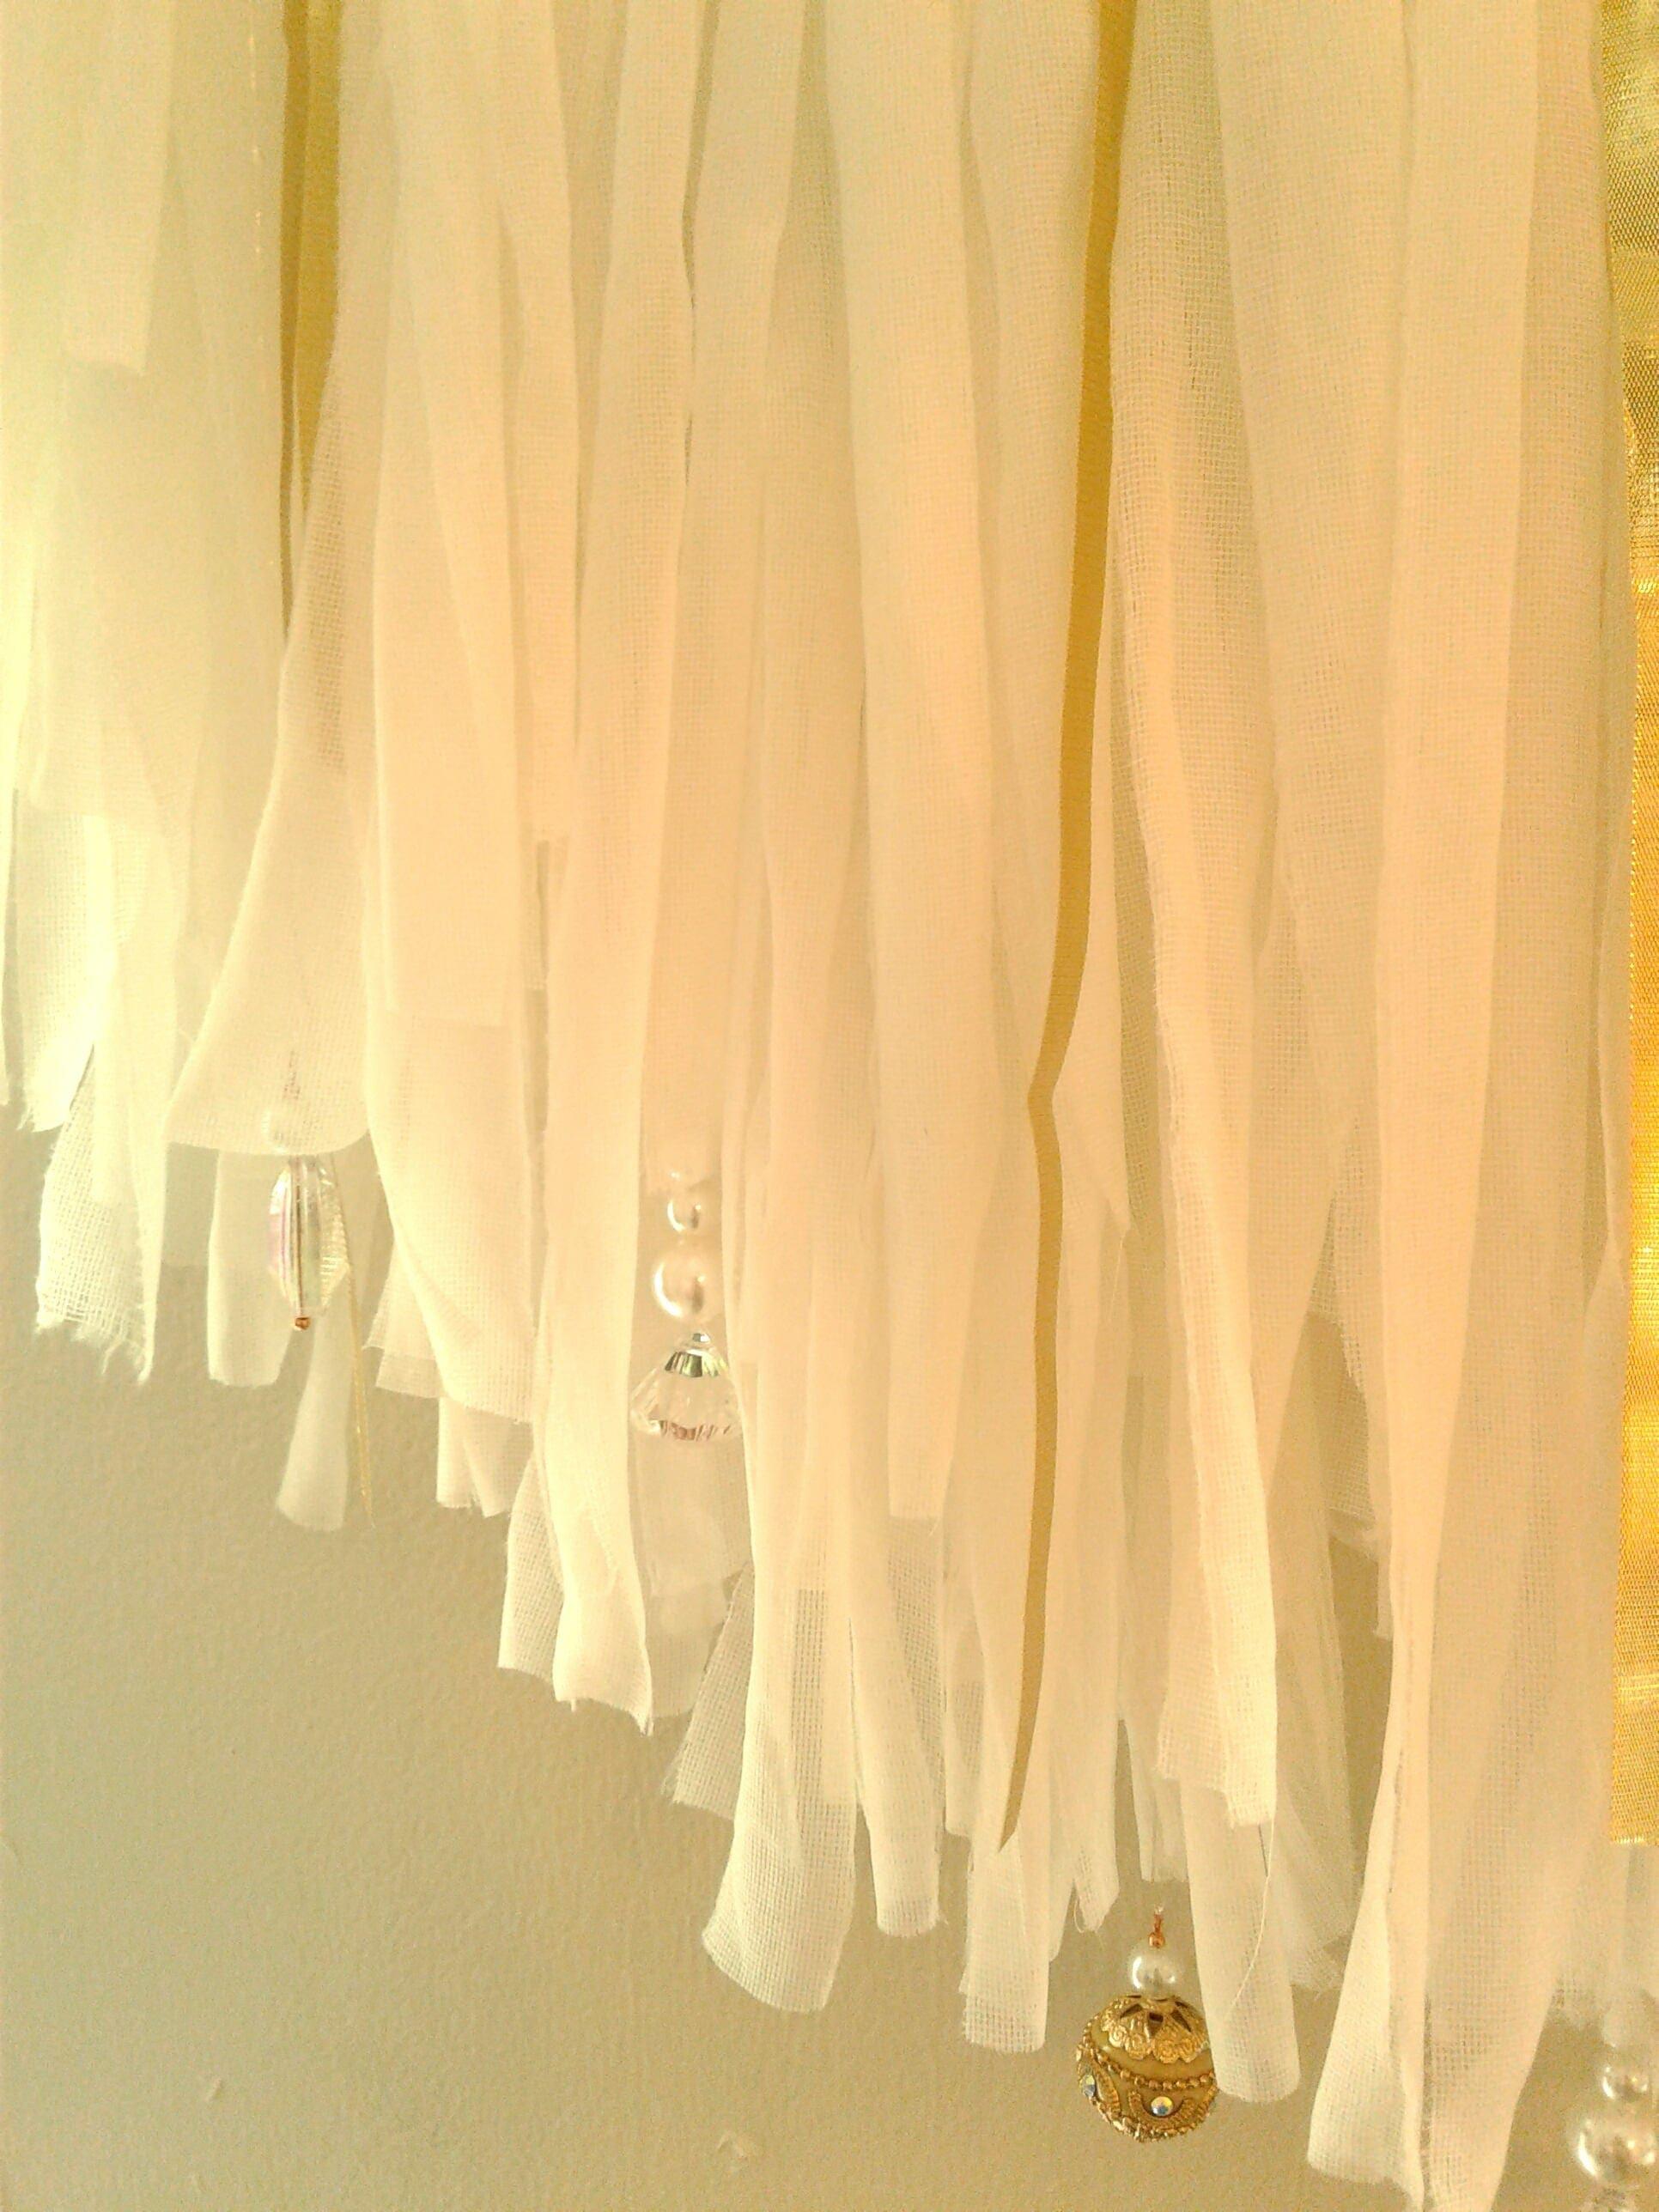 Glam Bohemian White Chiffon Jeweled Tutu Wall Hanging Wall Art Home ...